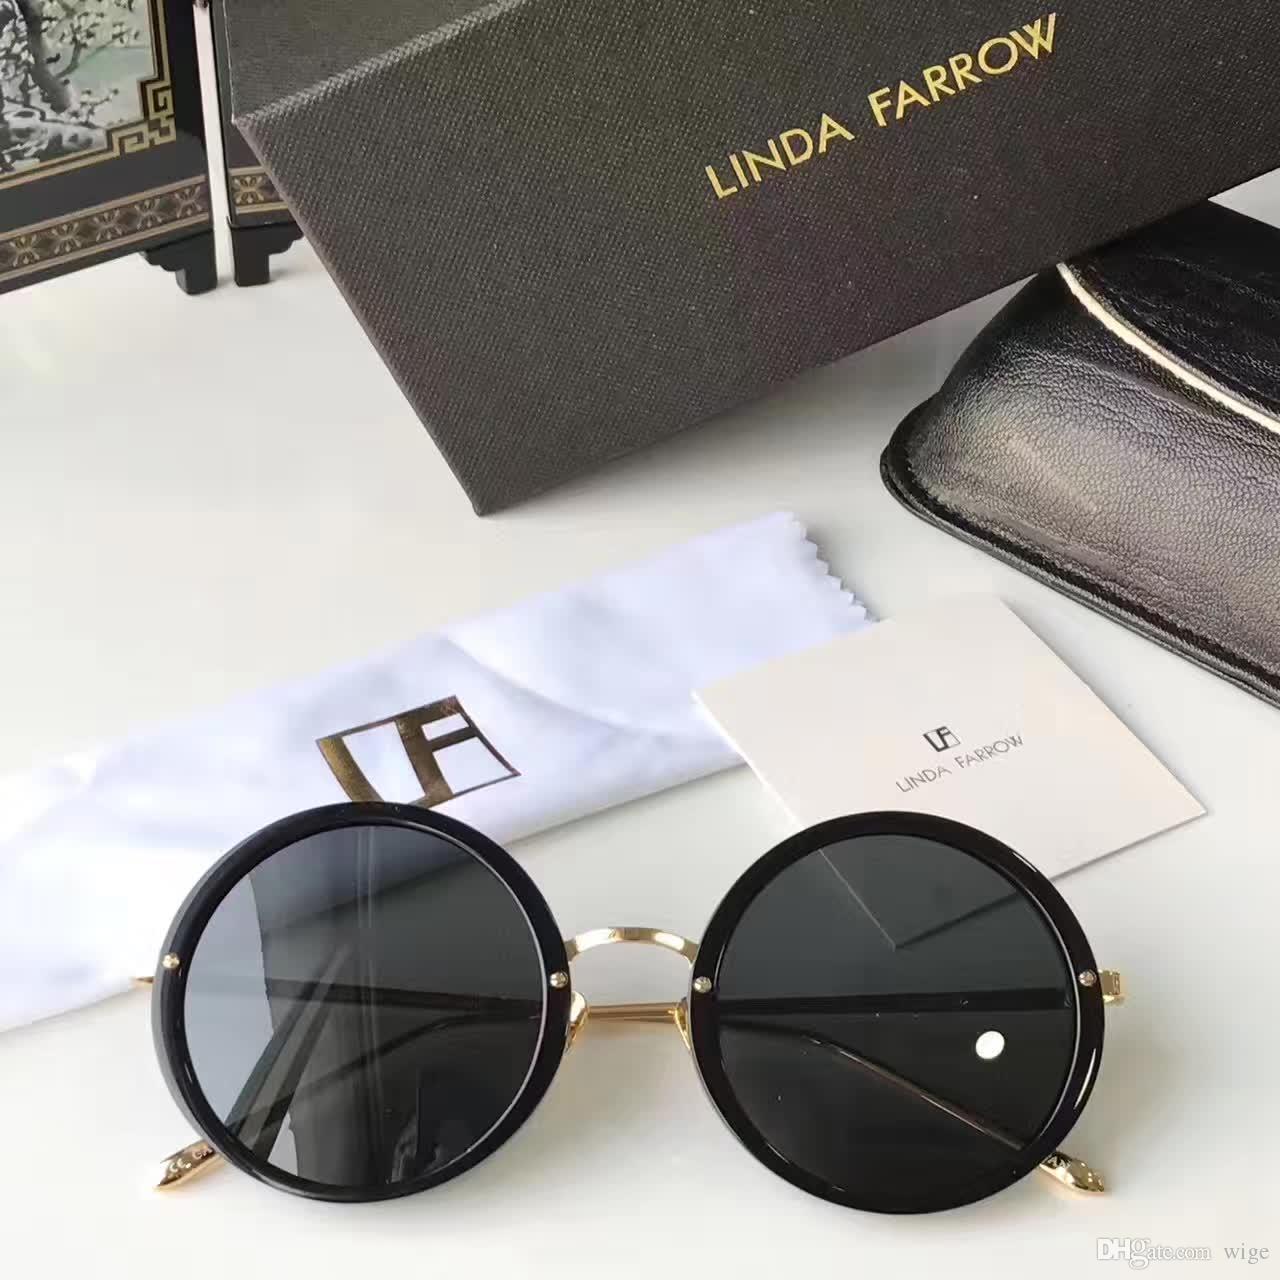 Compre LINDA FARROW A Linha Preto Rodada Quadro Óculos De Sol Da Moda  Óculos De Sol Óculos Nova Marca Com Capa De Couro De Wige,  55.84    Pt.Dhgate.Com ab1740d6ed